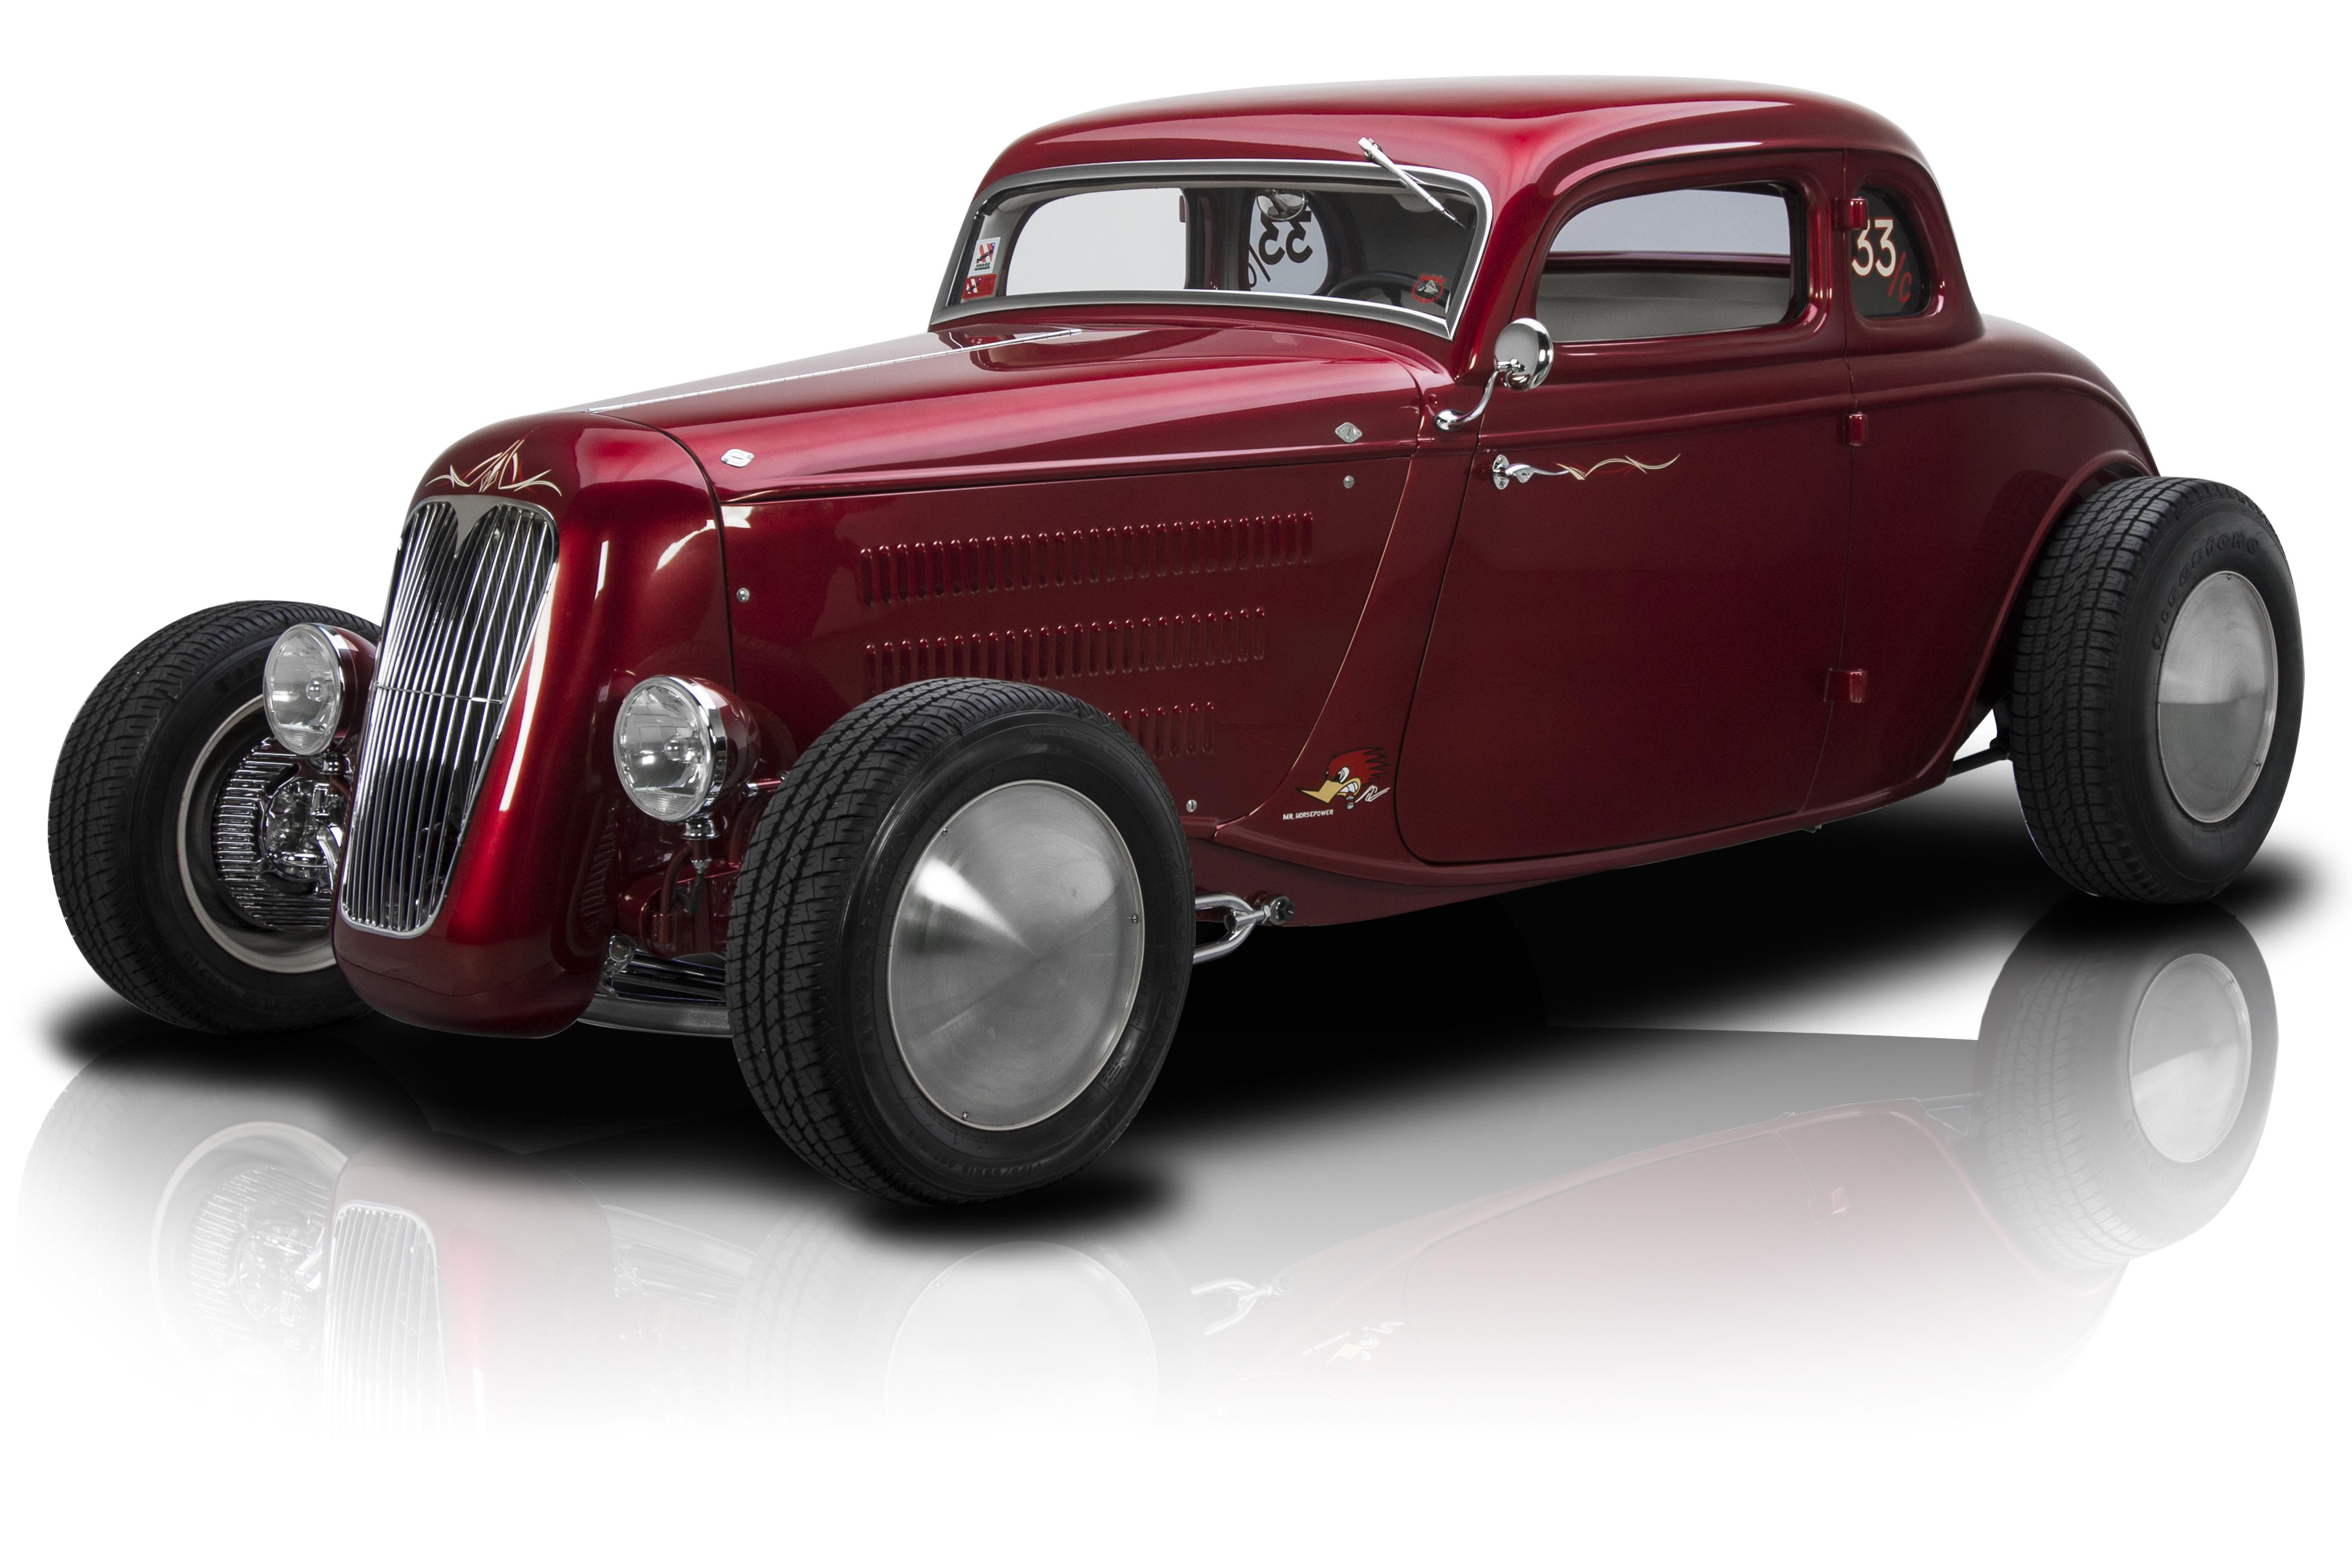 135433 1933 ford coupe rk motors. Black Bedroom Furniture Sets. Home Design Ideas